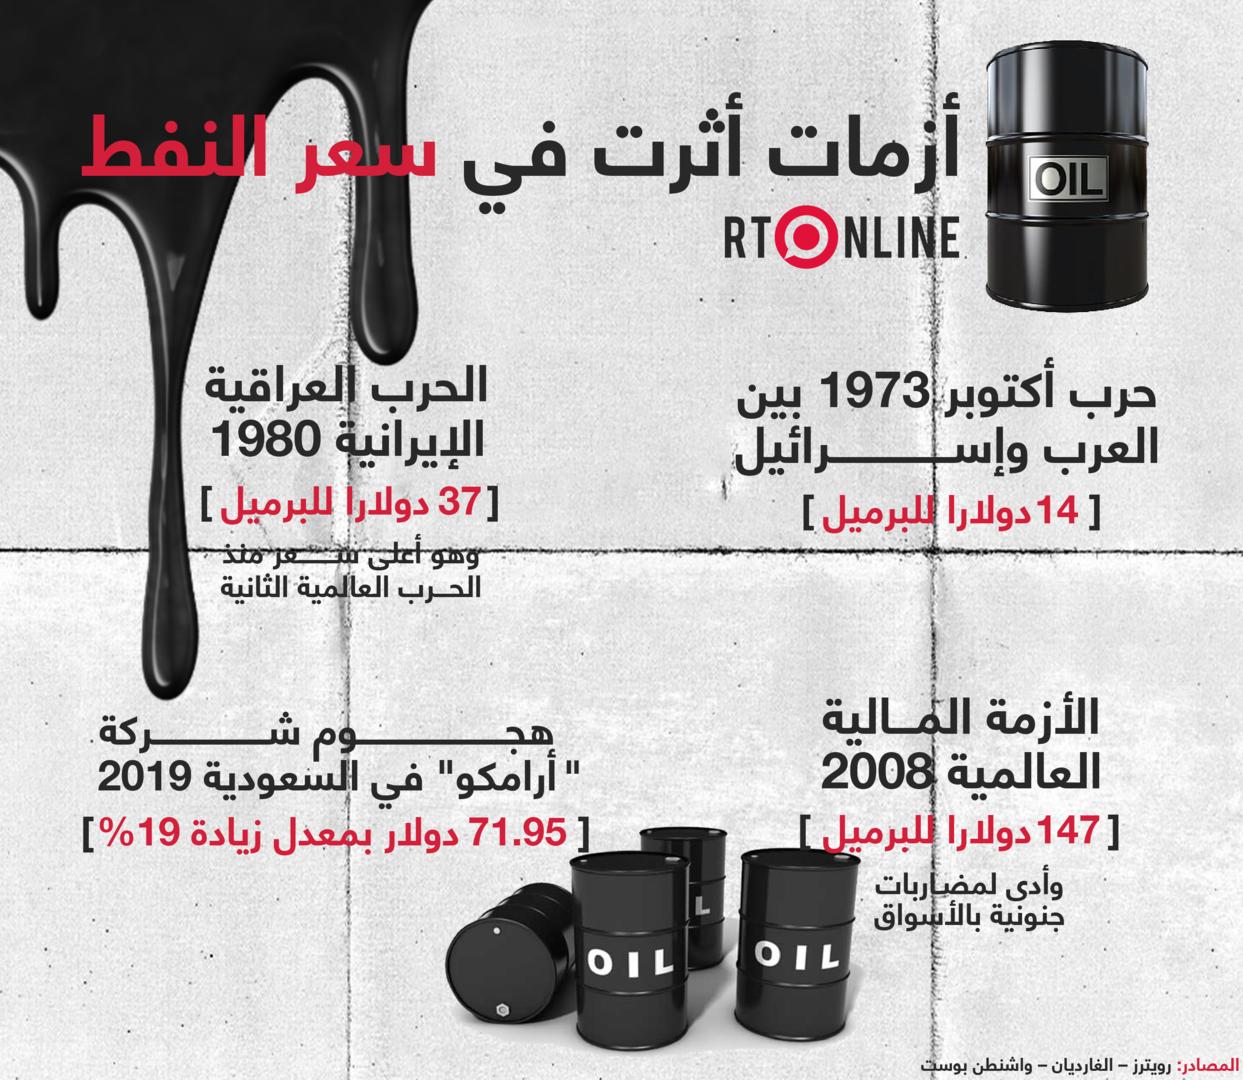 أزمات سياسية واقتصادية أثرت في سعر النفط